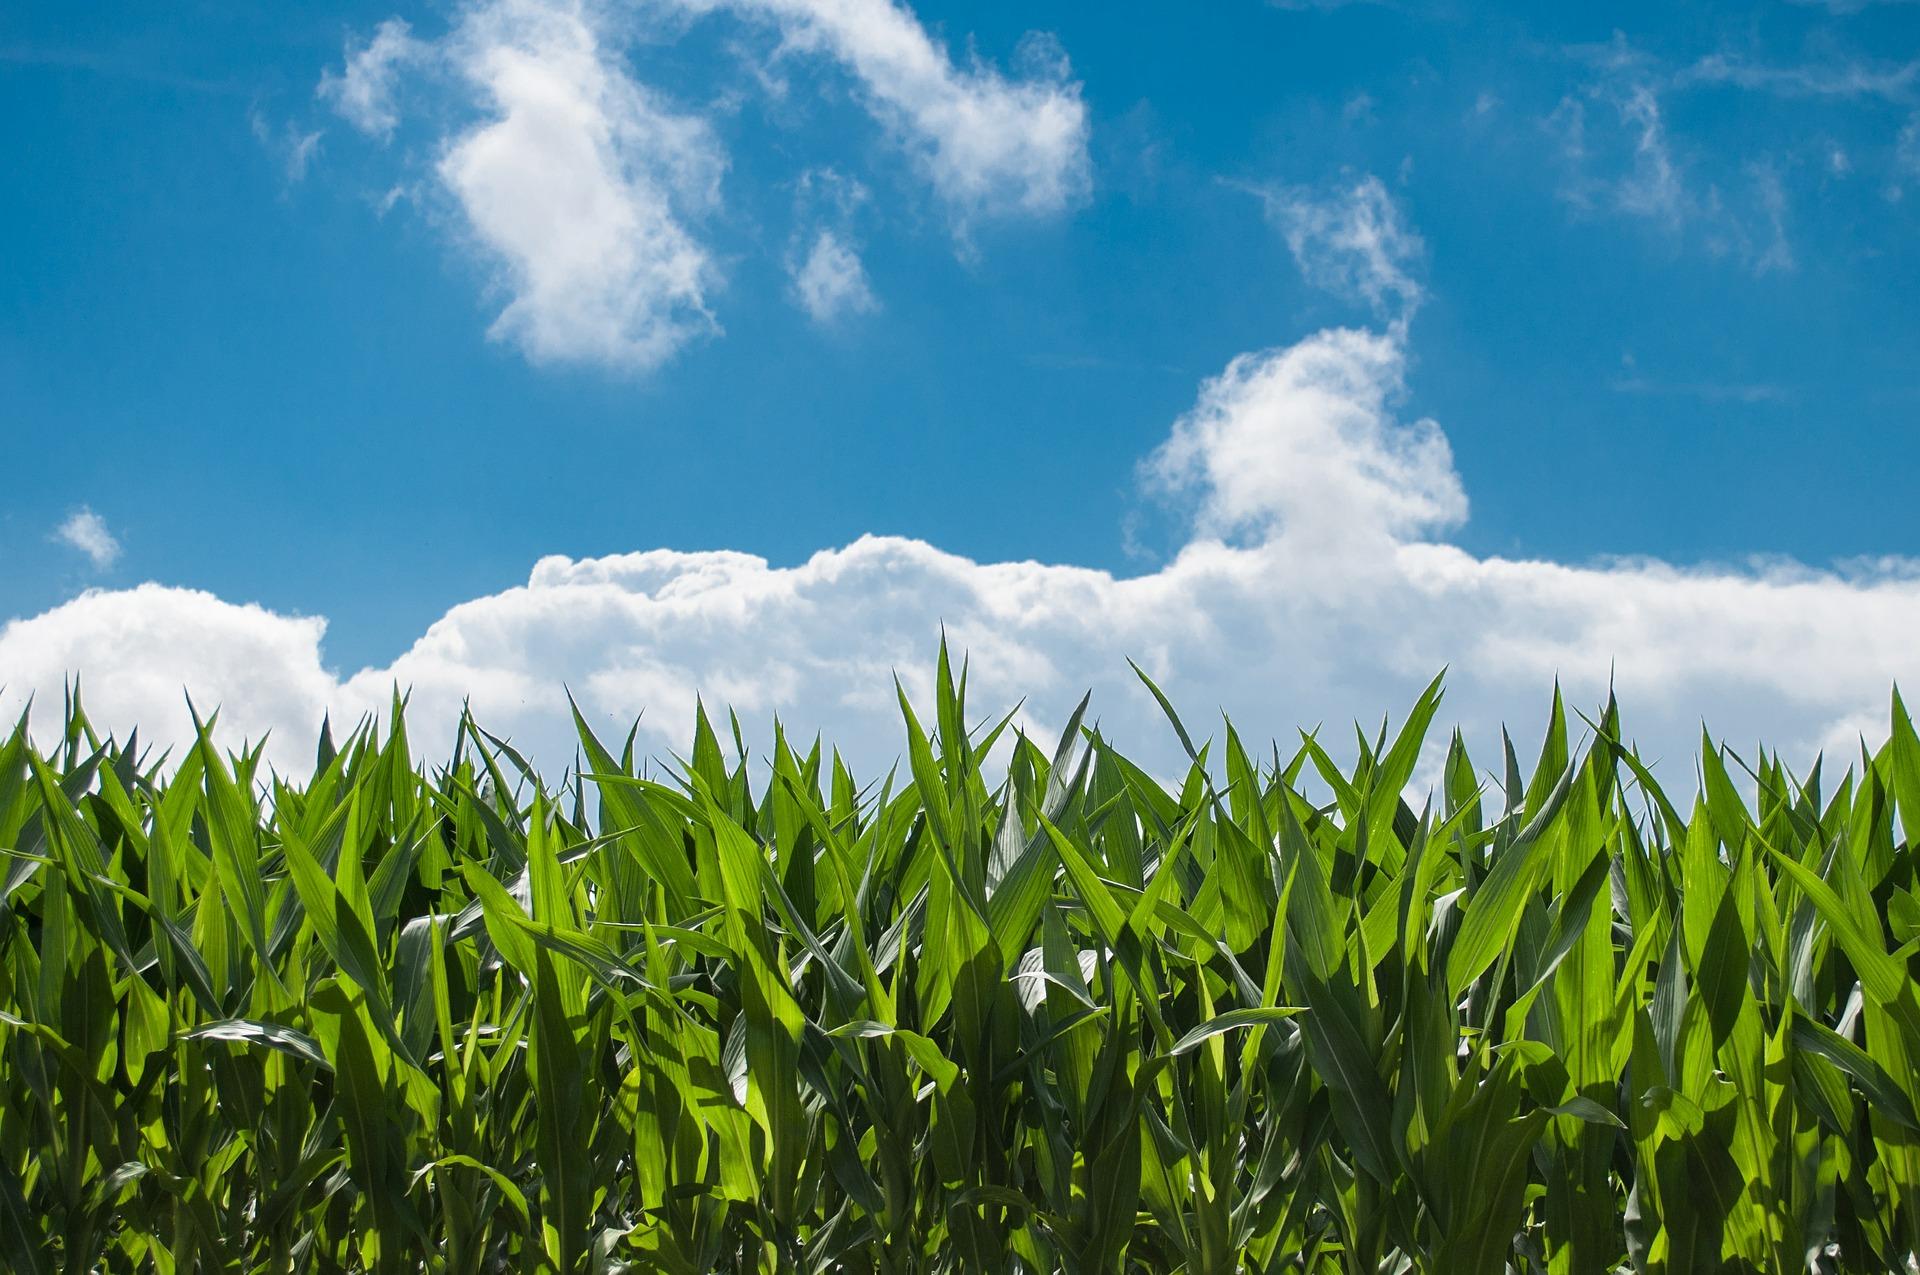 夏の空とトウモロコシ畑